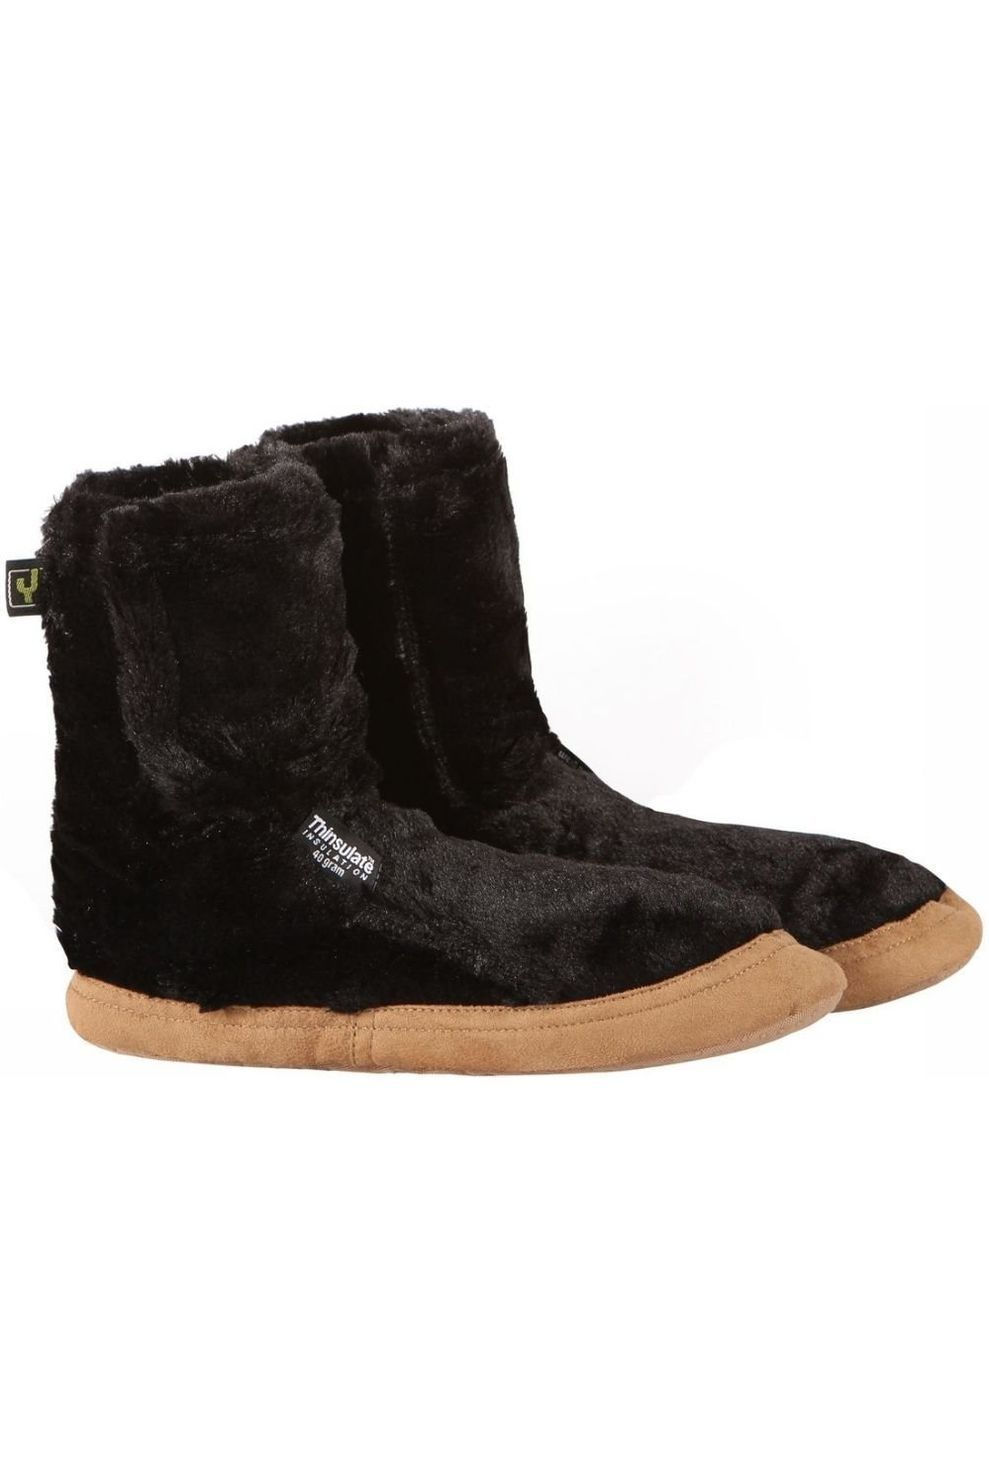 Ayacucho Pantoffels Super Soft voor dames - Zwart - Maat: 35/36